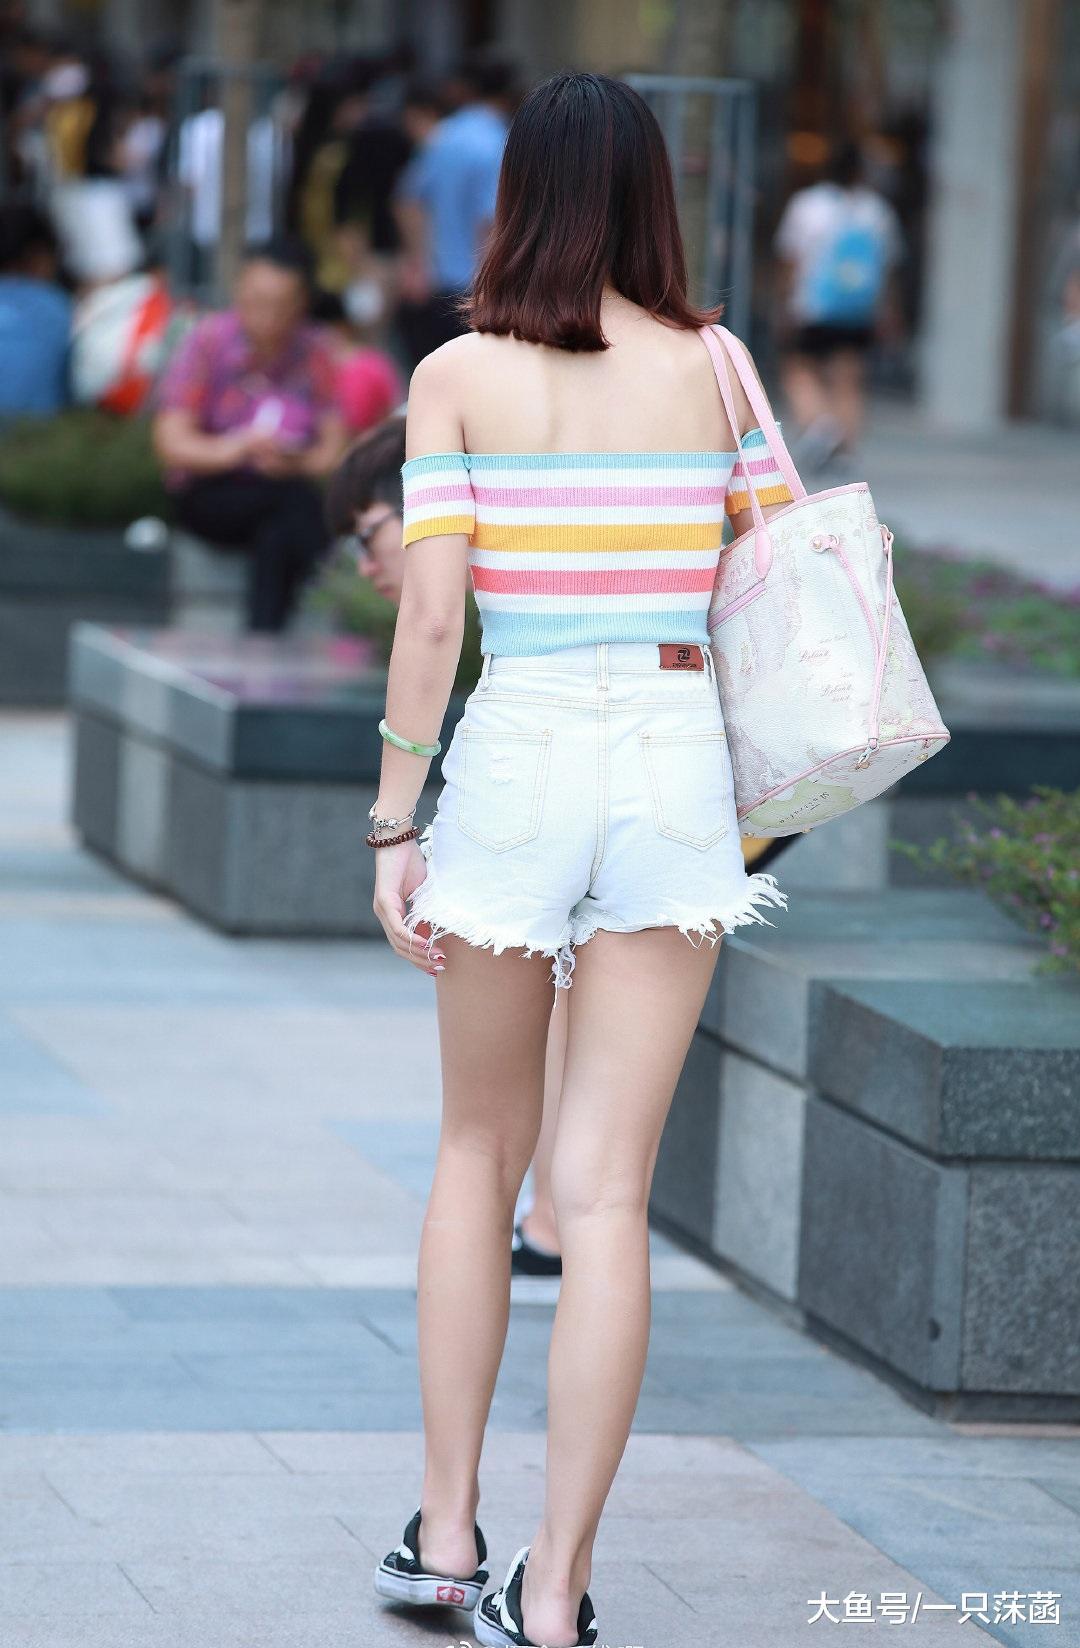 如果没有短裤,你还会喜欢她吗?